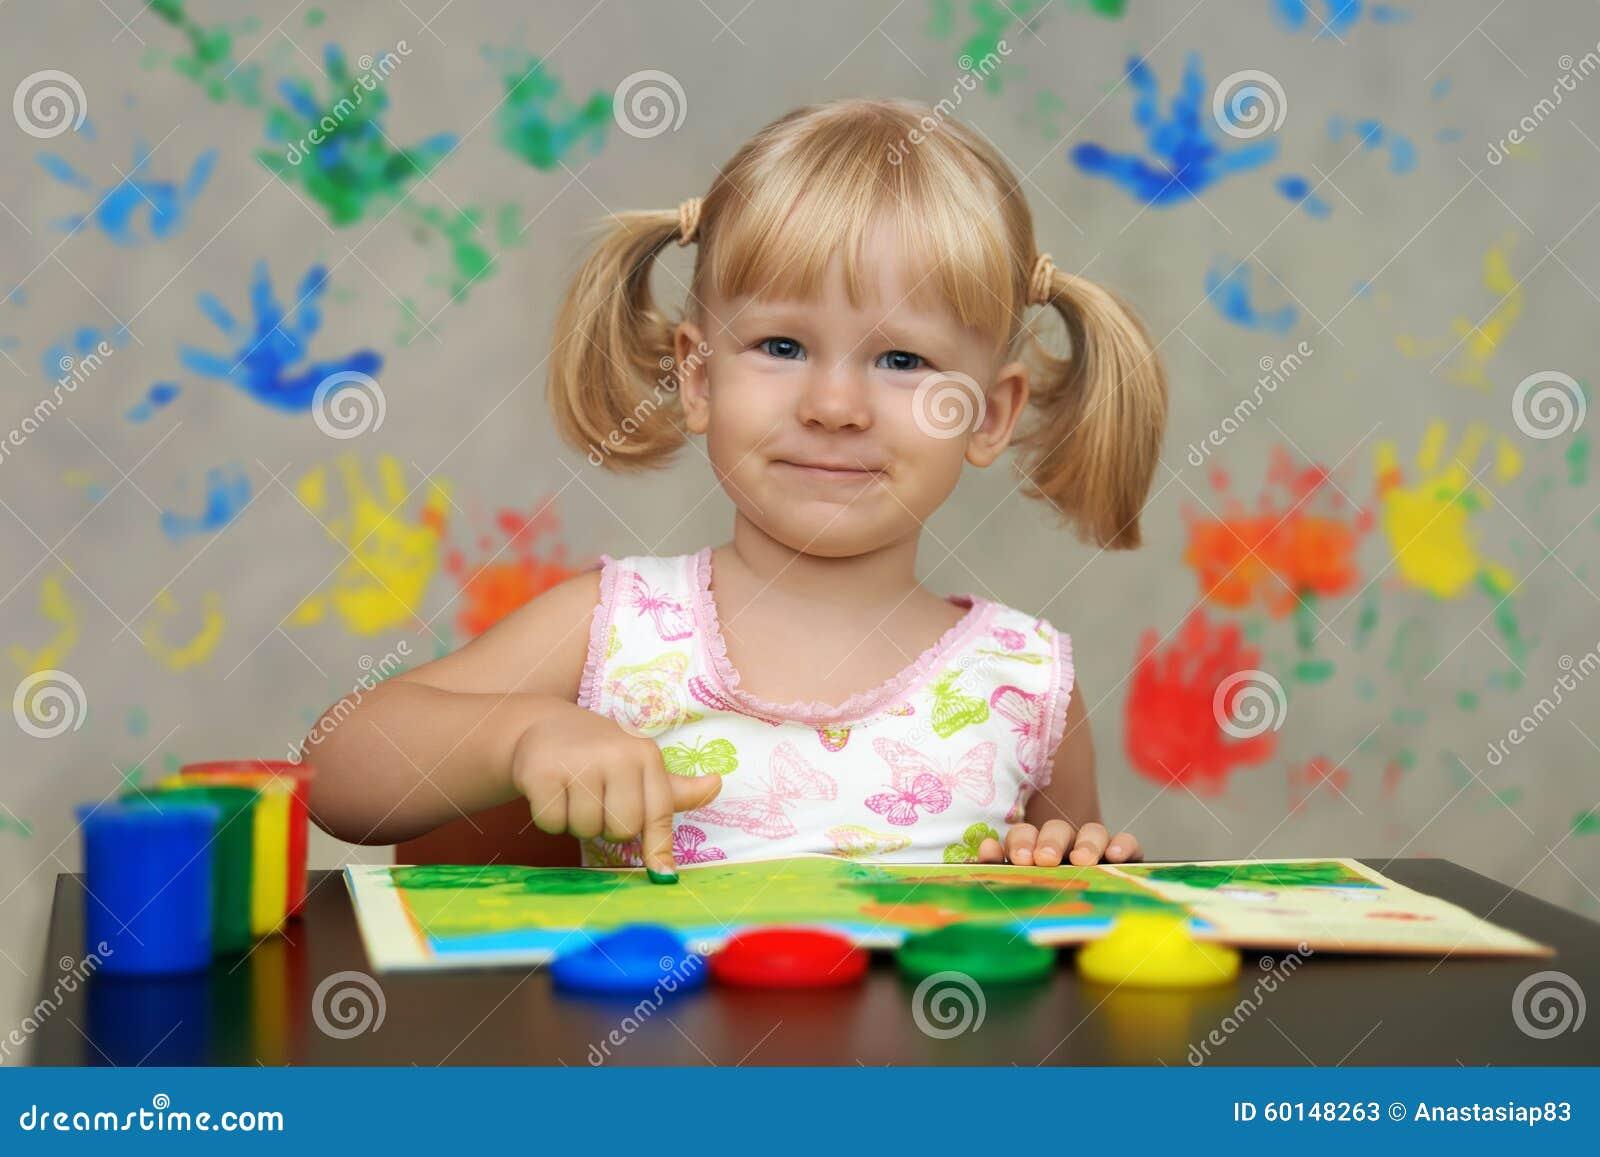 Los niños ven el mundo en colores mágicos brillantes